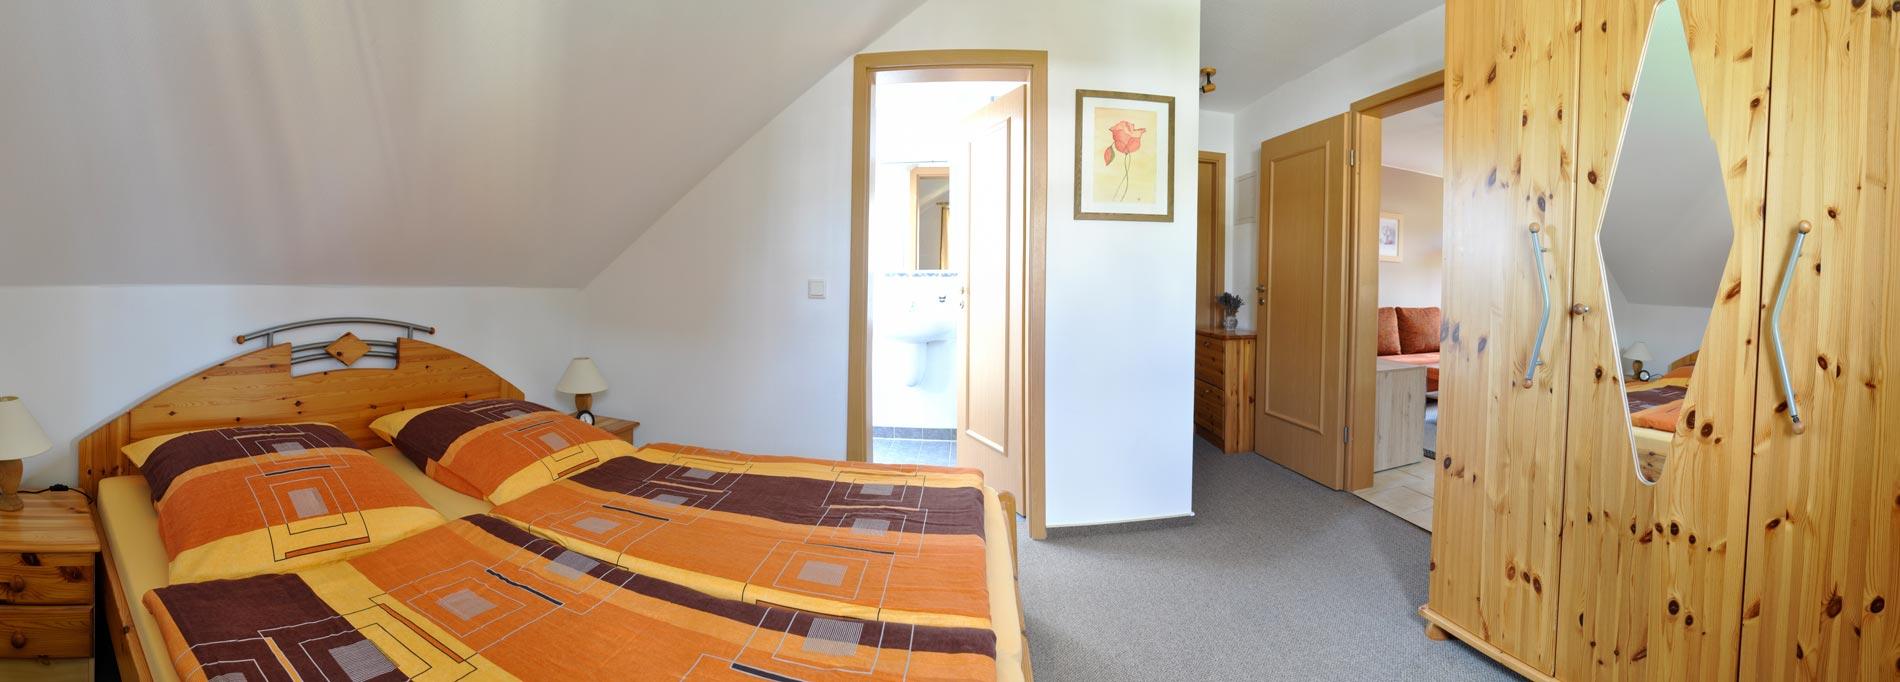 panorama-ferienwohnung-schlafen2